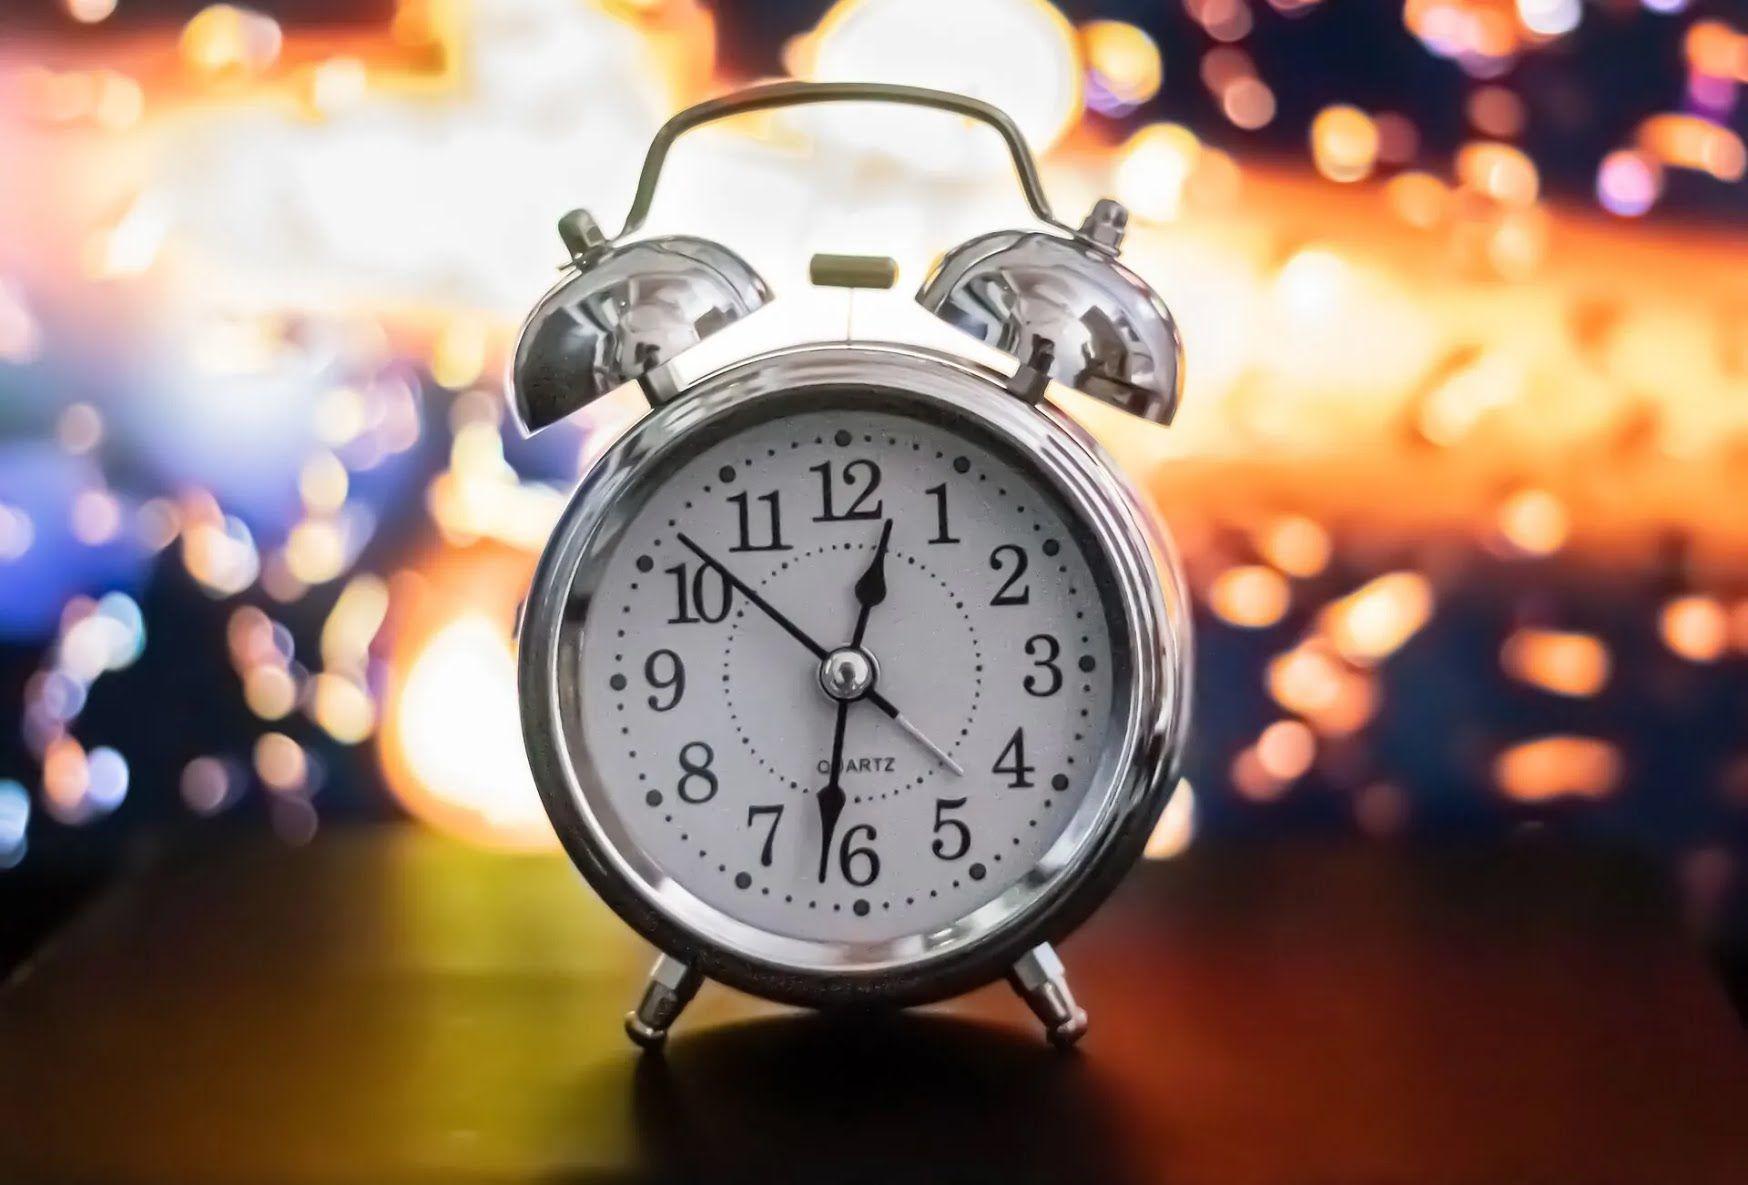 Узнать точное время после перевода часов в Украине можно при помощи мобильного телефона или доступа в интернет